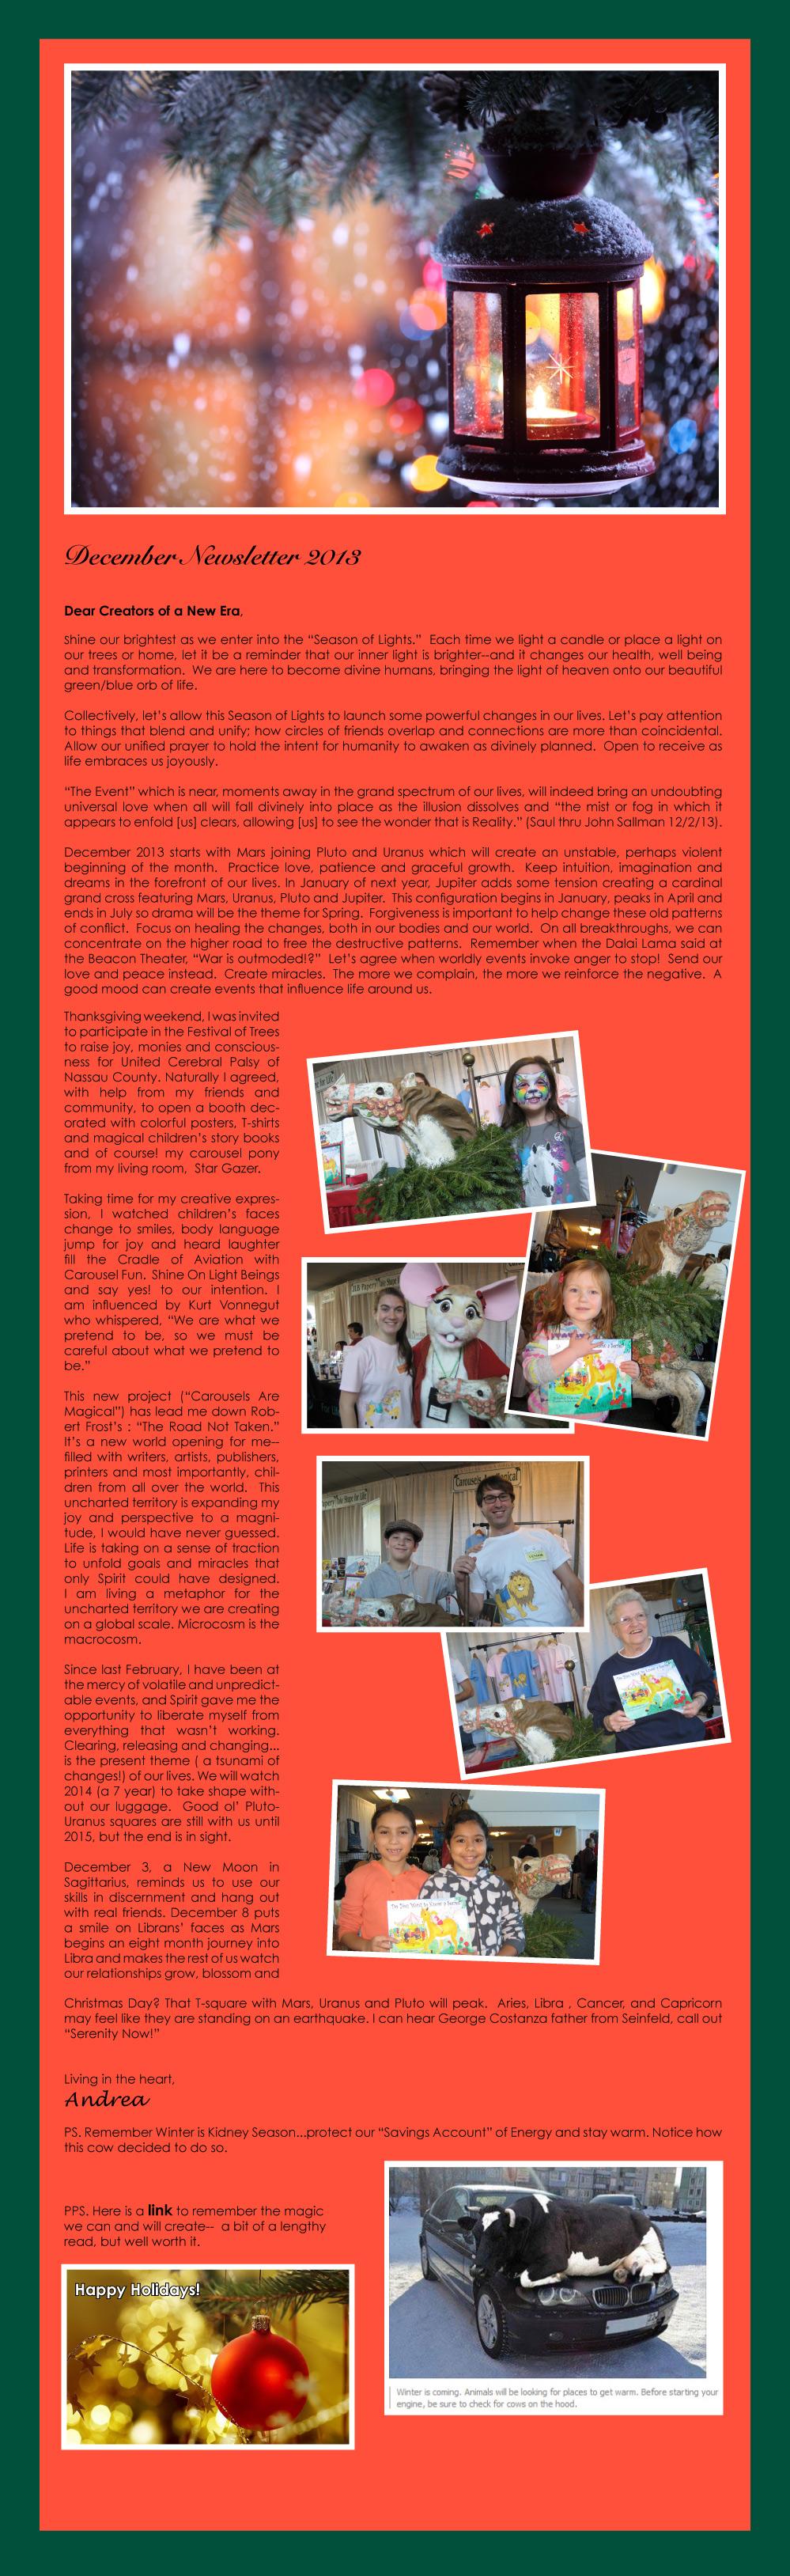 December-Newsletter-2013.jpg